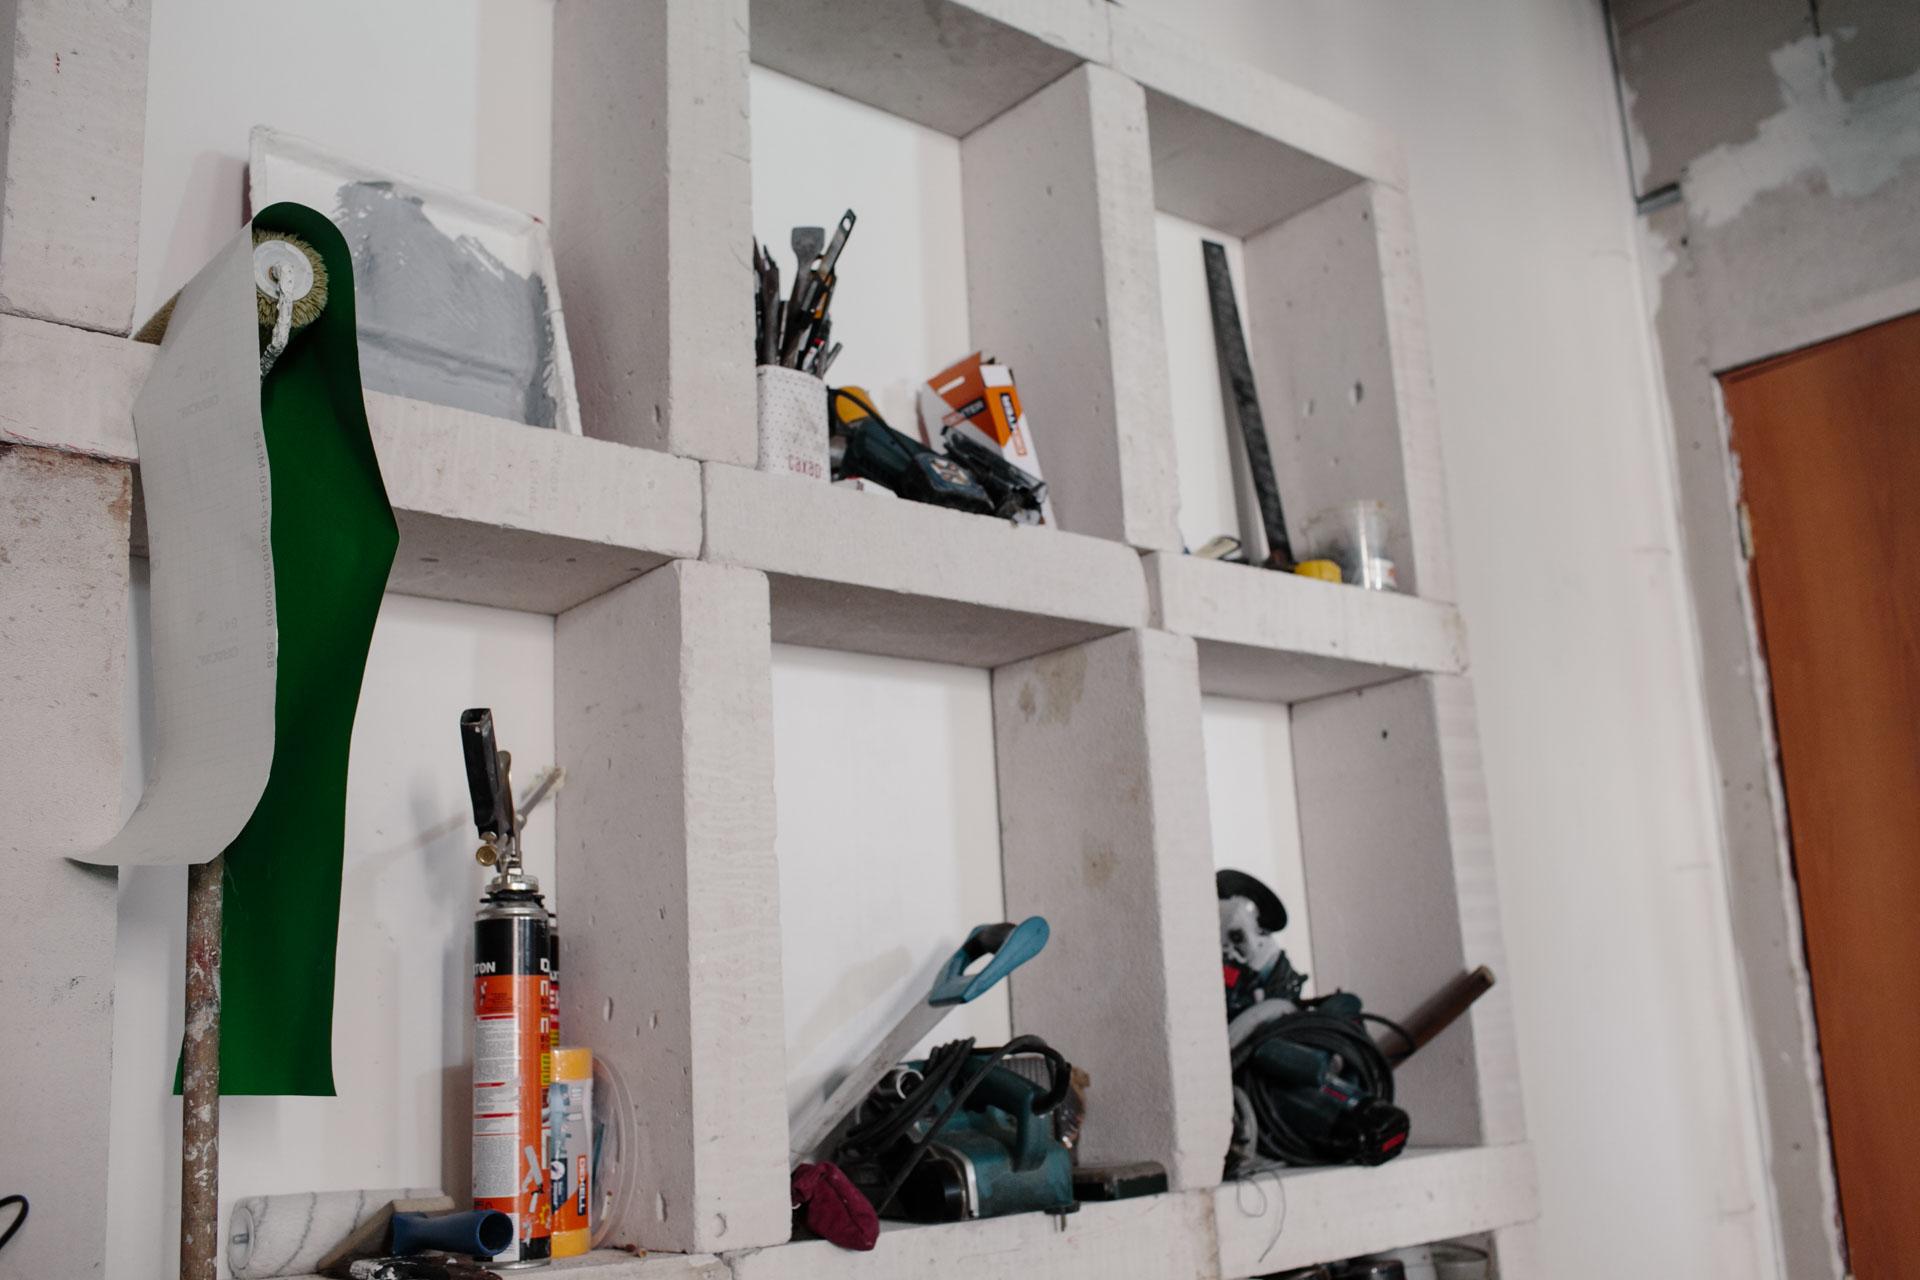 Инструменты на полке из пенобетонных блоков